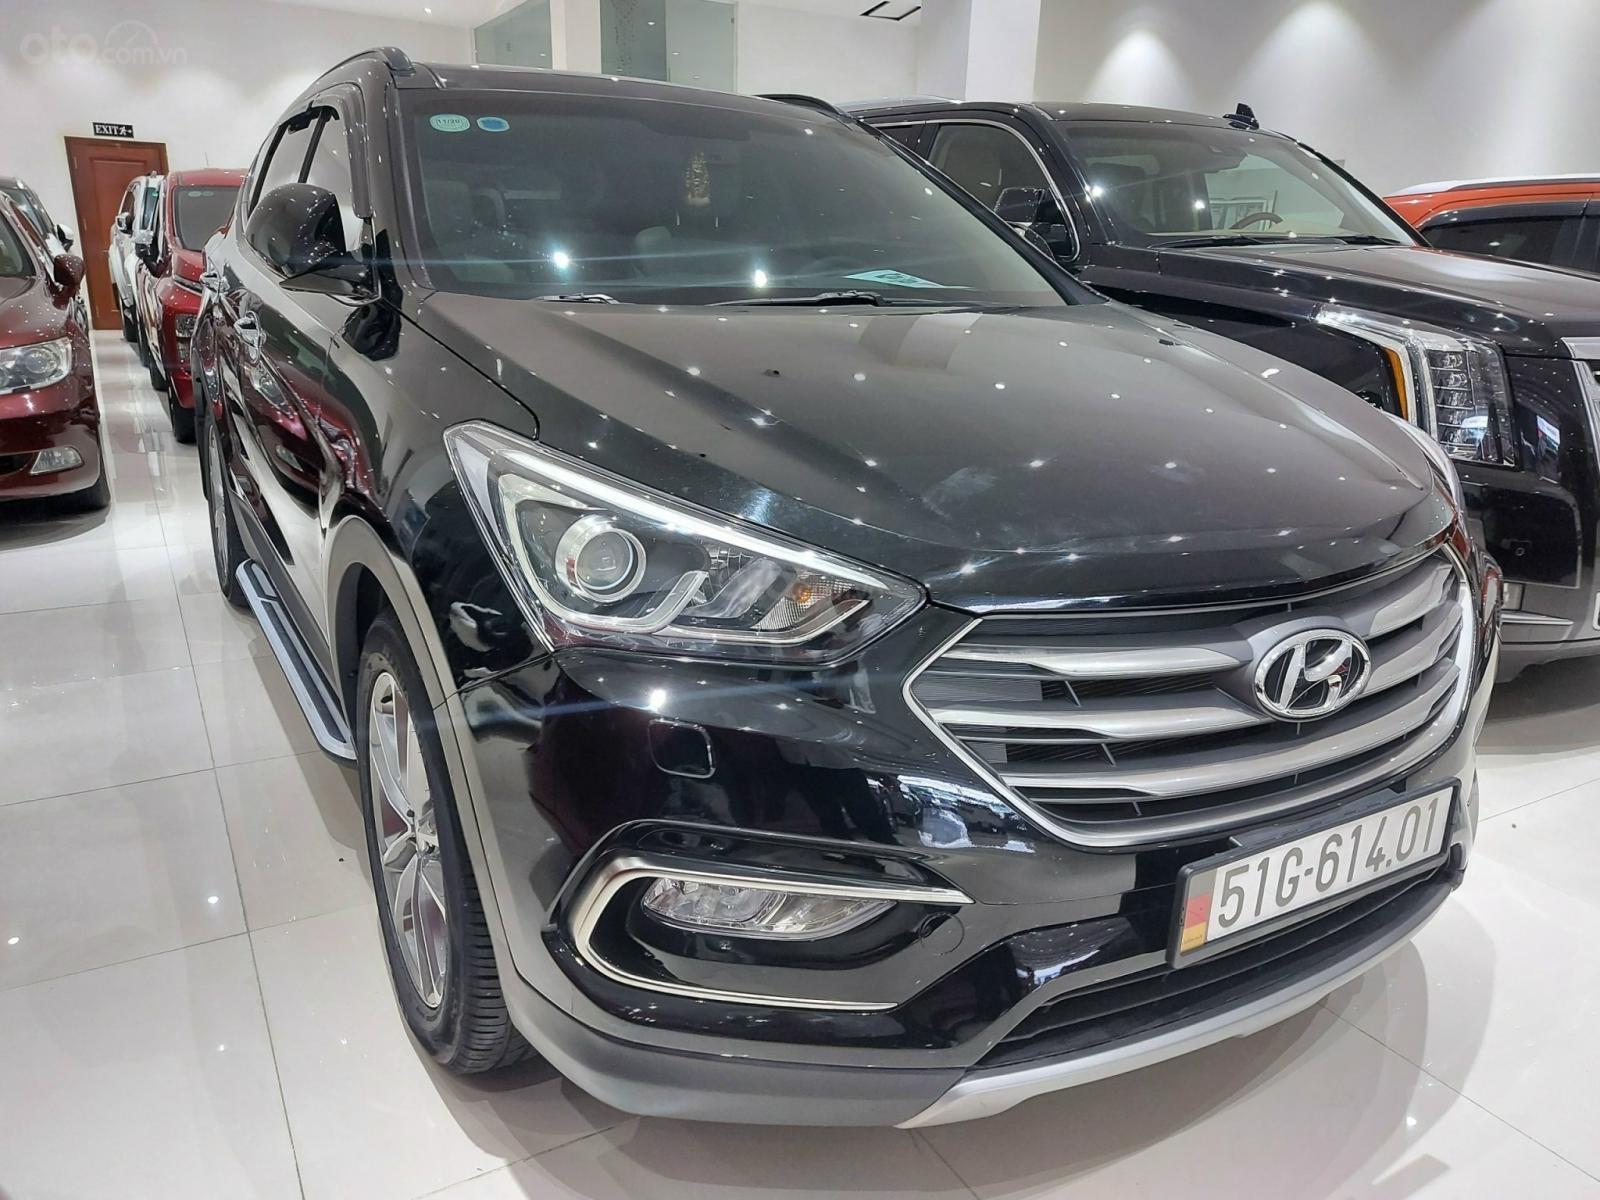 Bán Hyundai Santa Fe 2.2 AT 2018, máy dầu diesel, biển SG, xe gia đình sử dụng, odo 30.000km, thương lượng khách thiện chí (6)